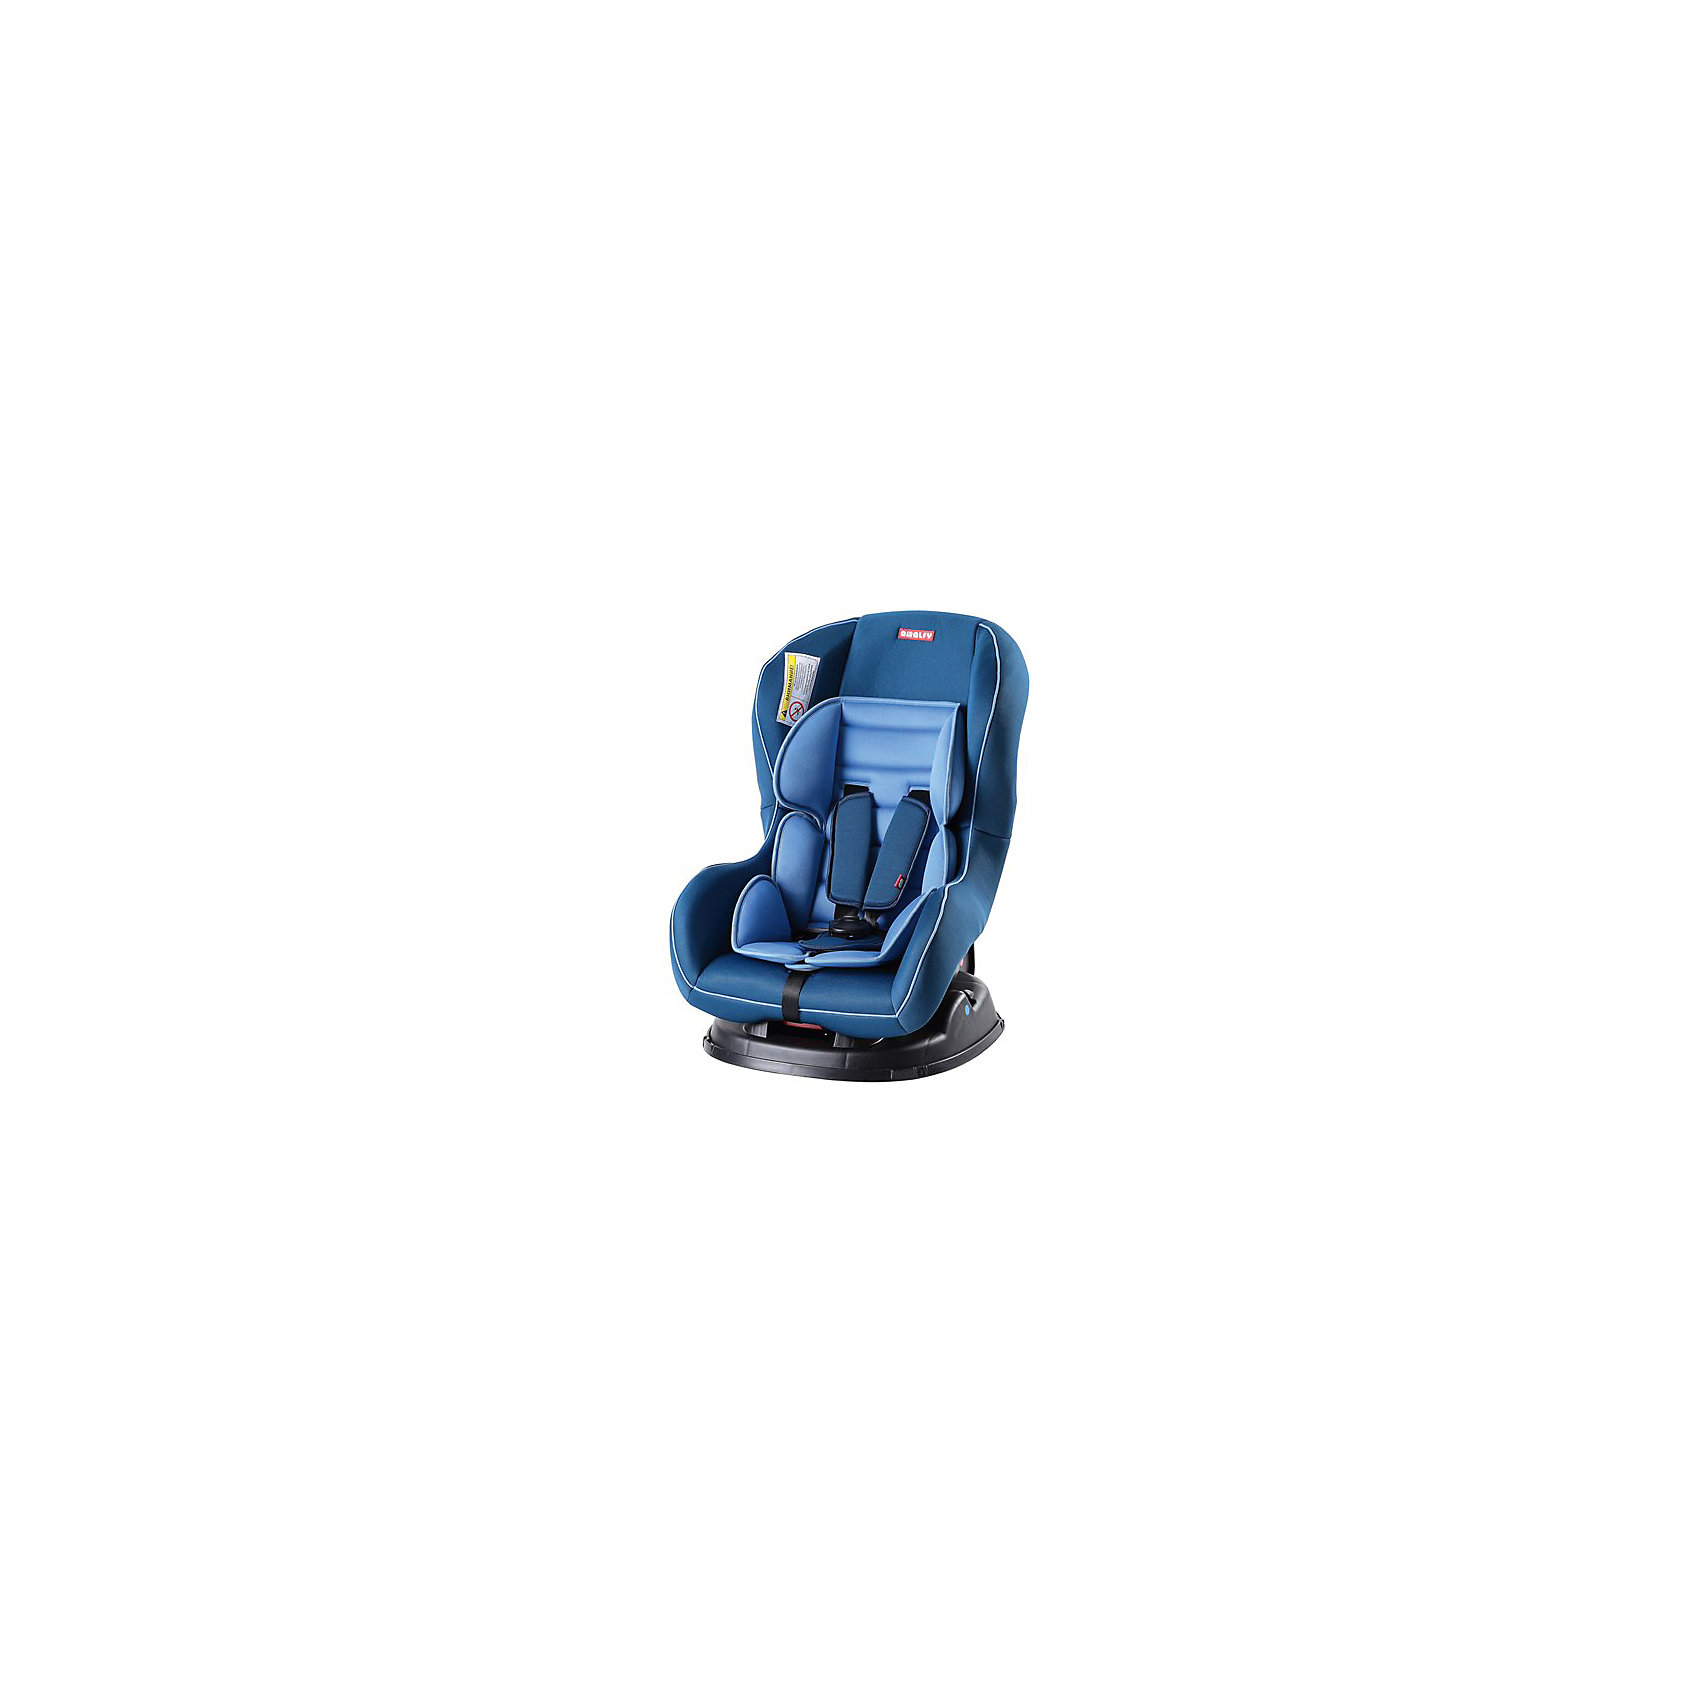 Автокресло НB-383, 0-18 кг, Amalfy, голубой